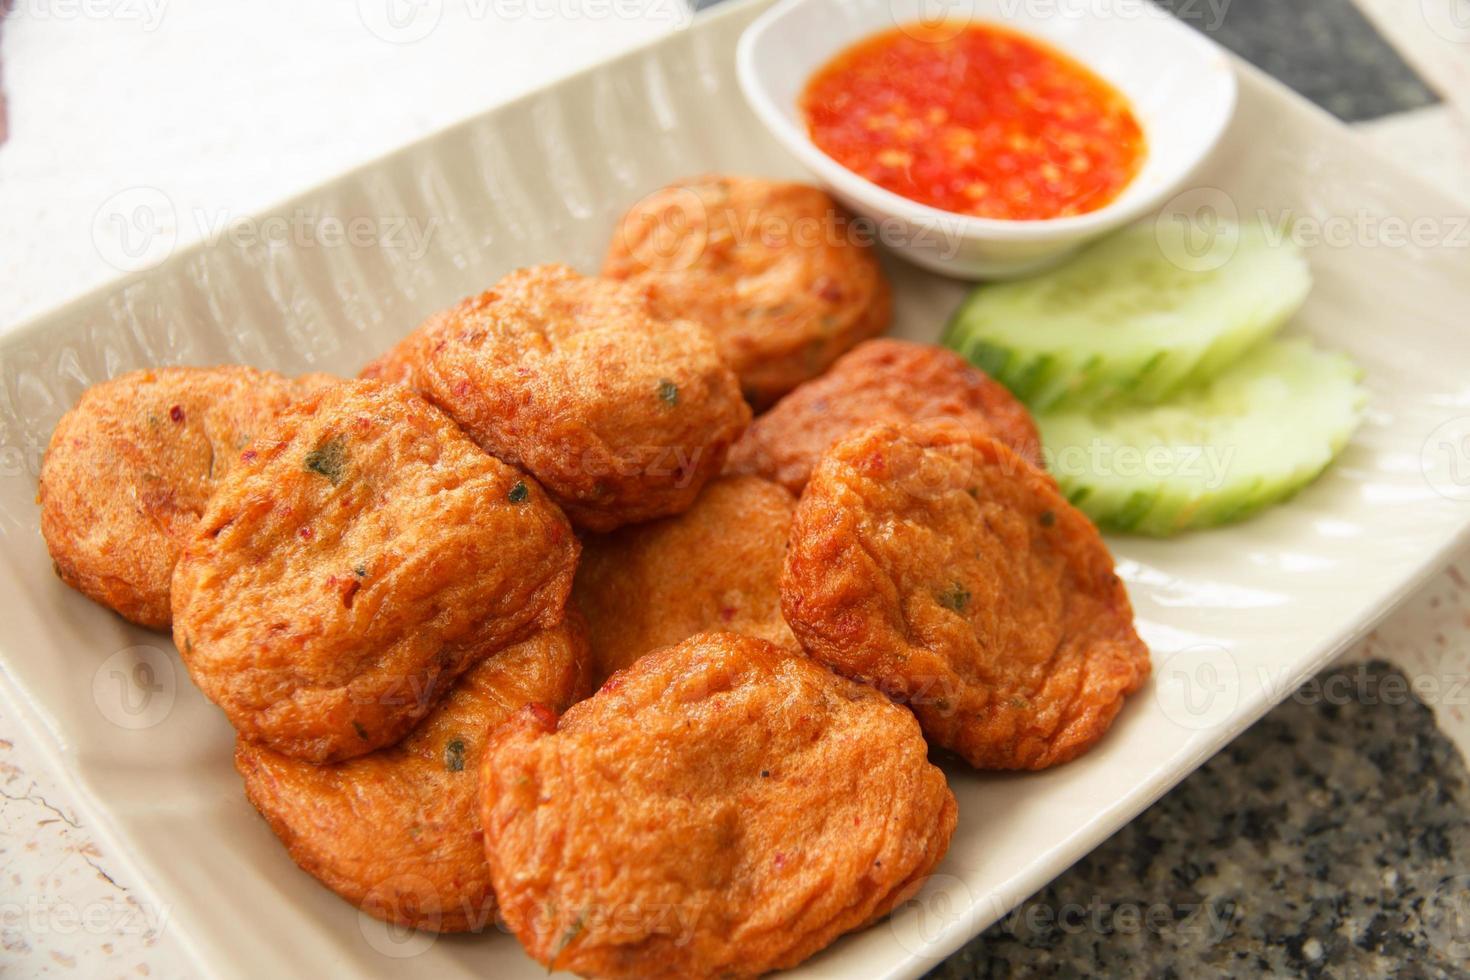 Gâteaux de poisson frit Thai Food - Image Libre de Droits photo